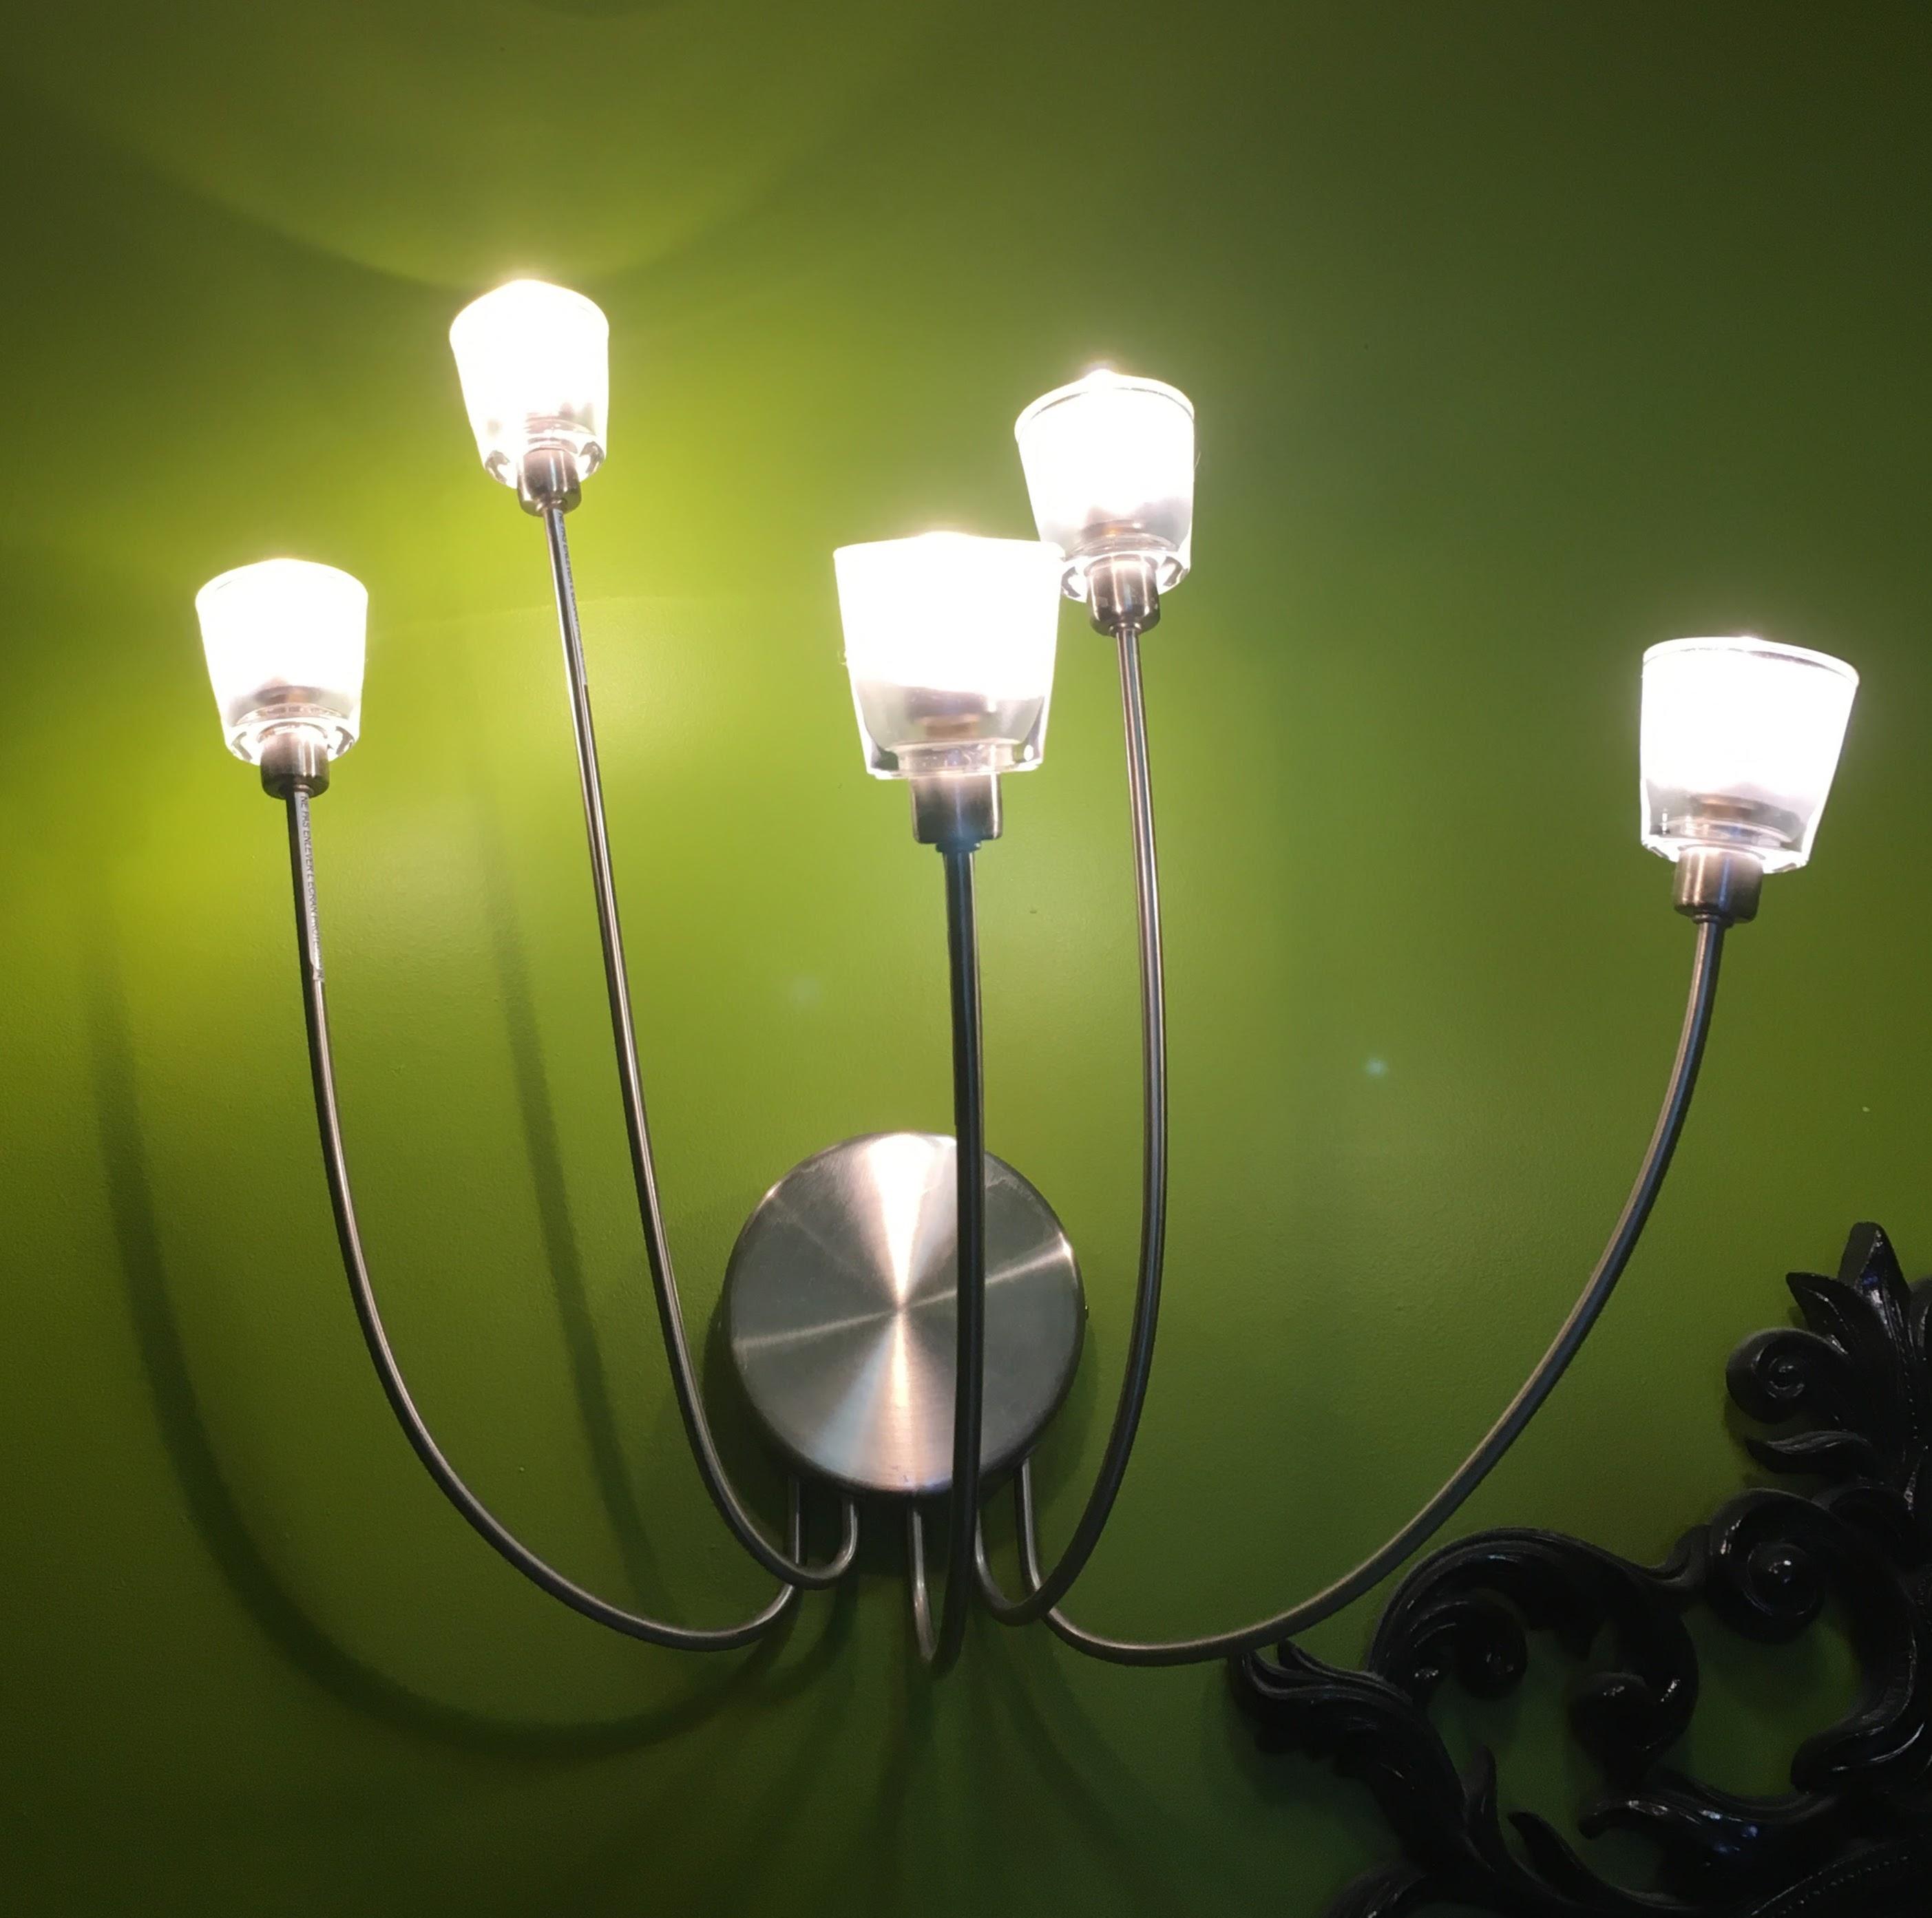 Mitsubishi Tv Light Bulbs